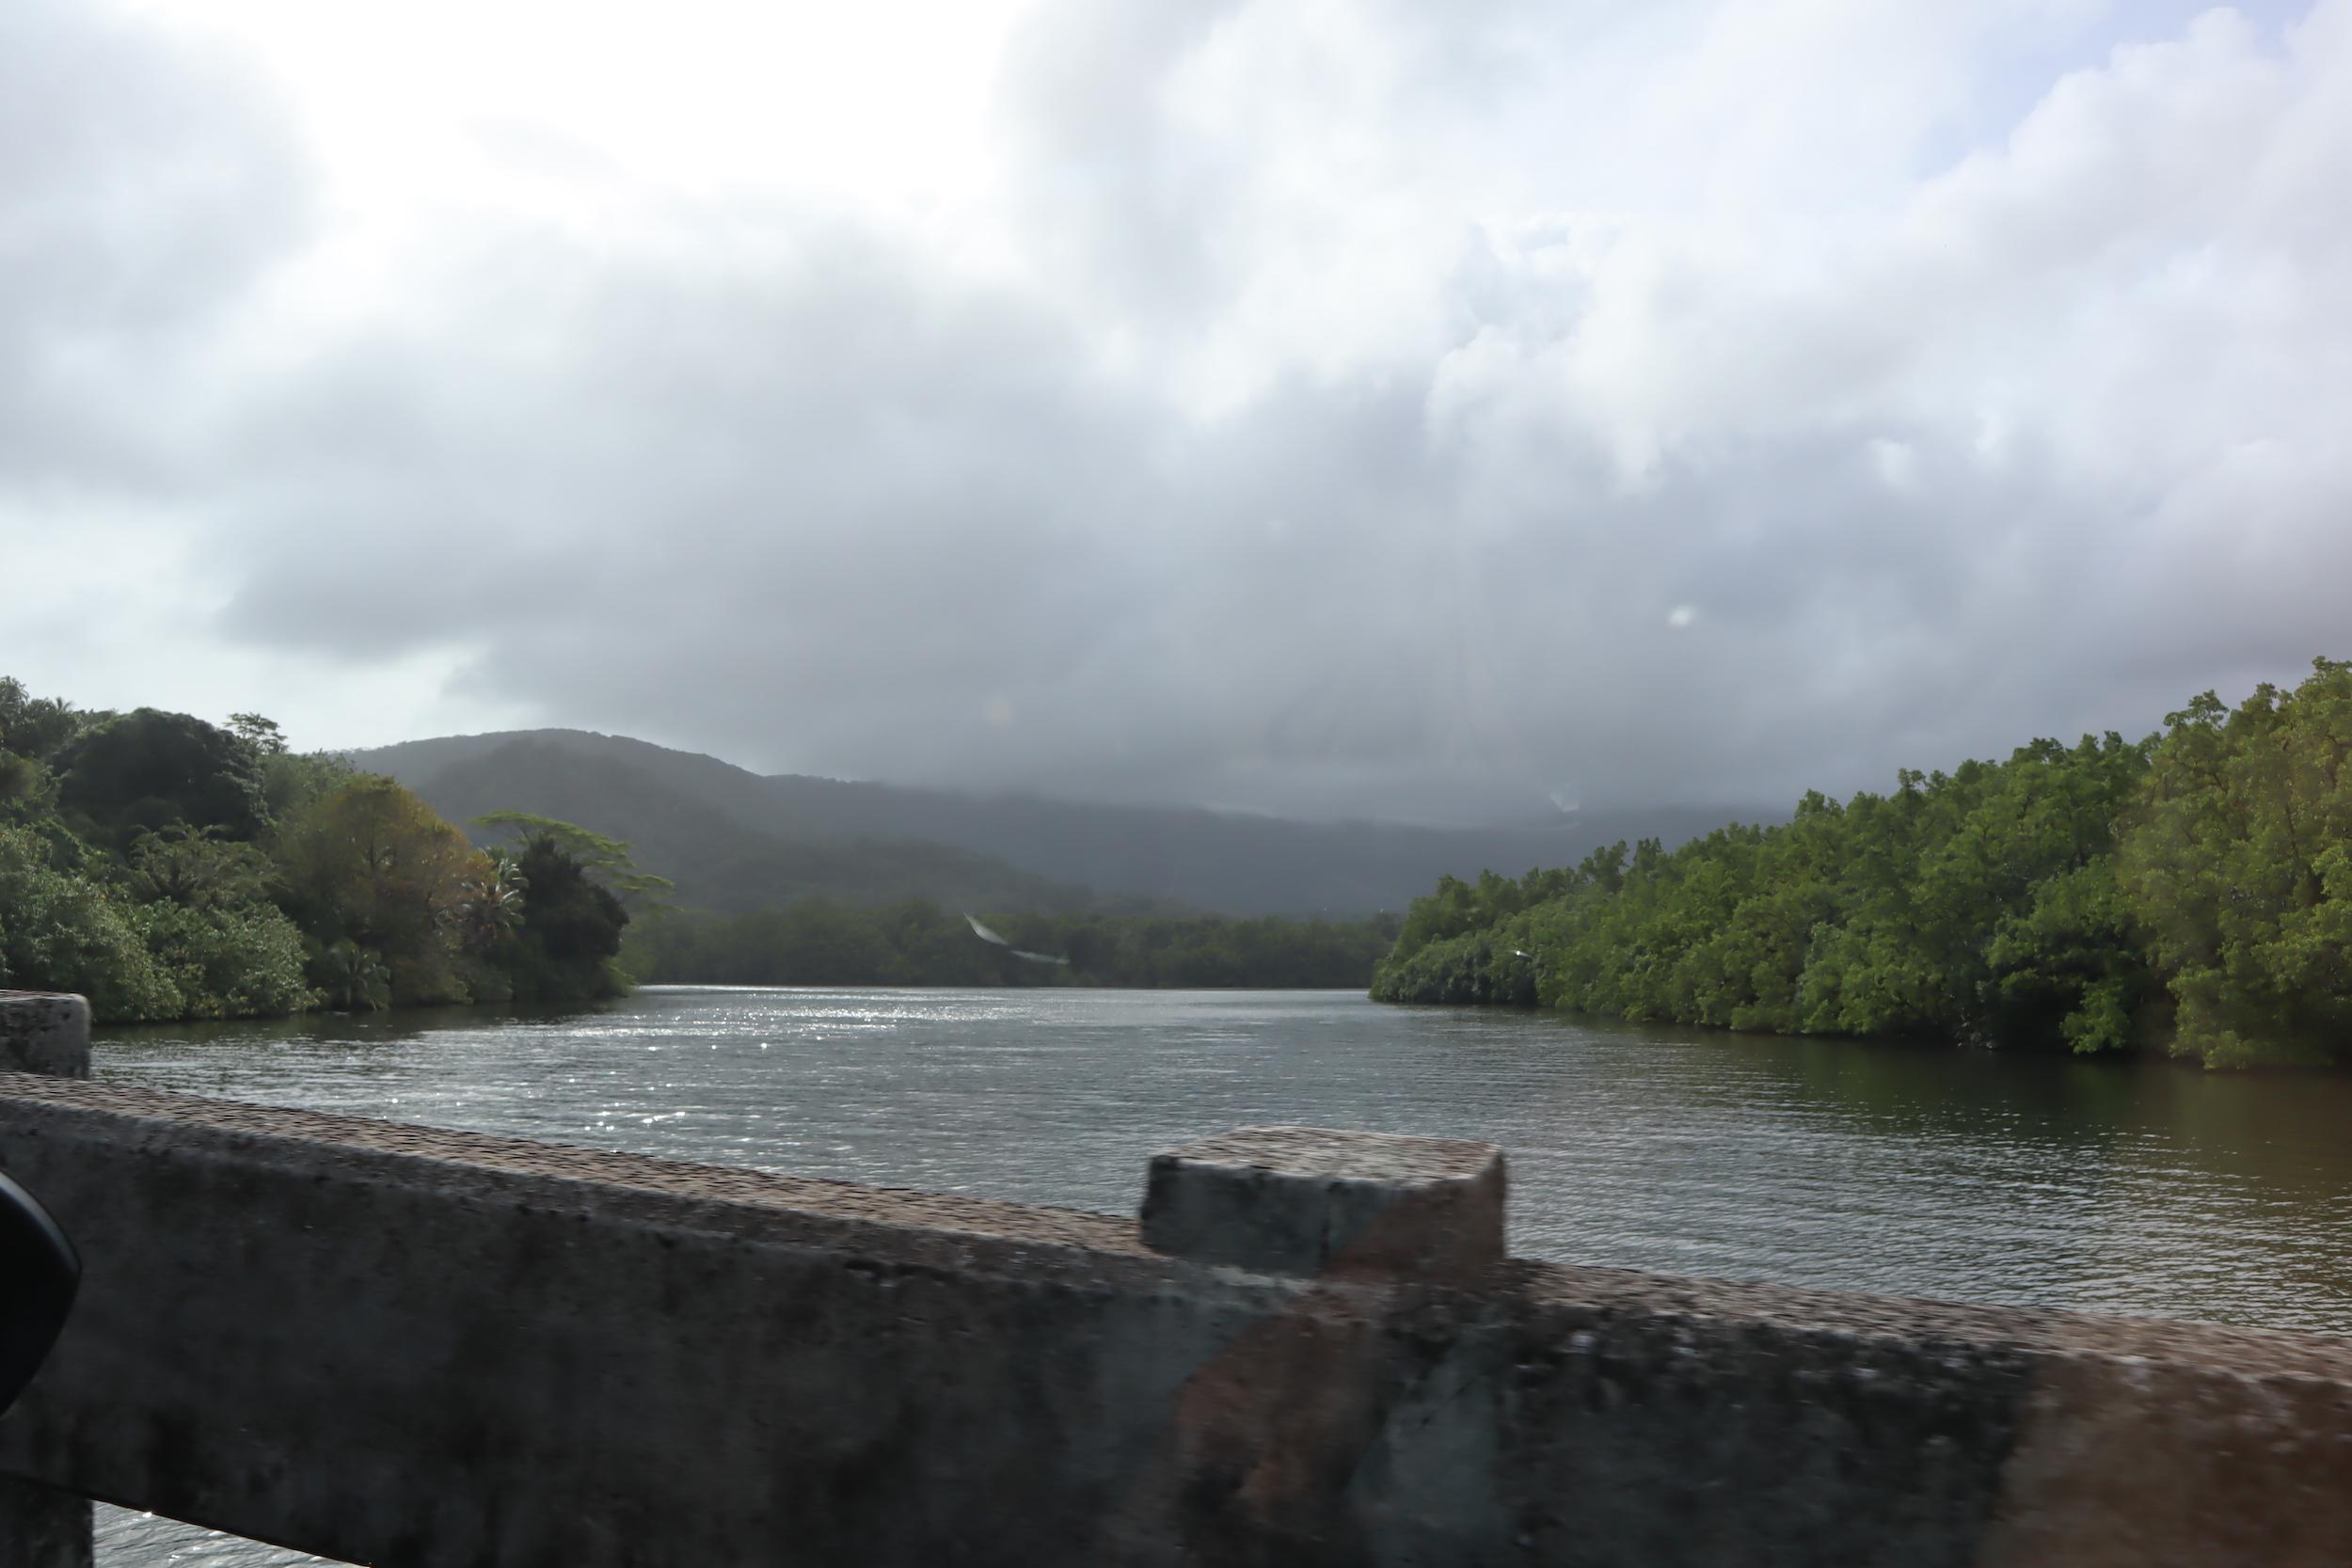 Views along the road to Nan Madol